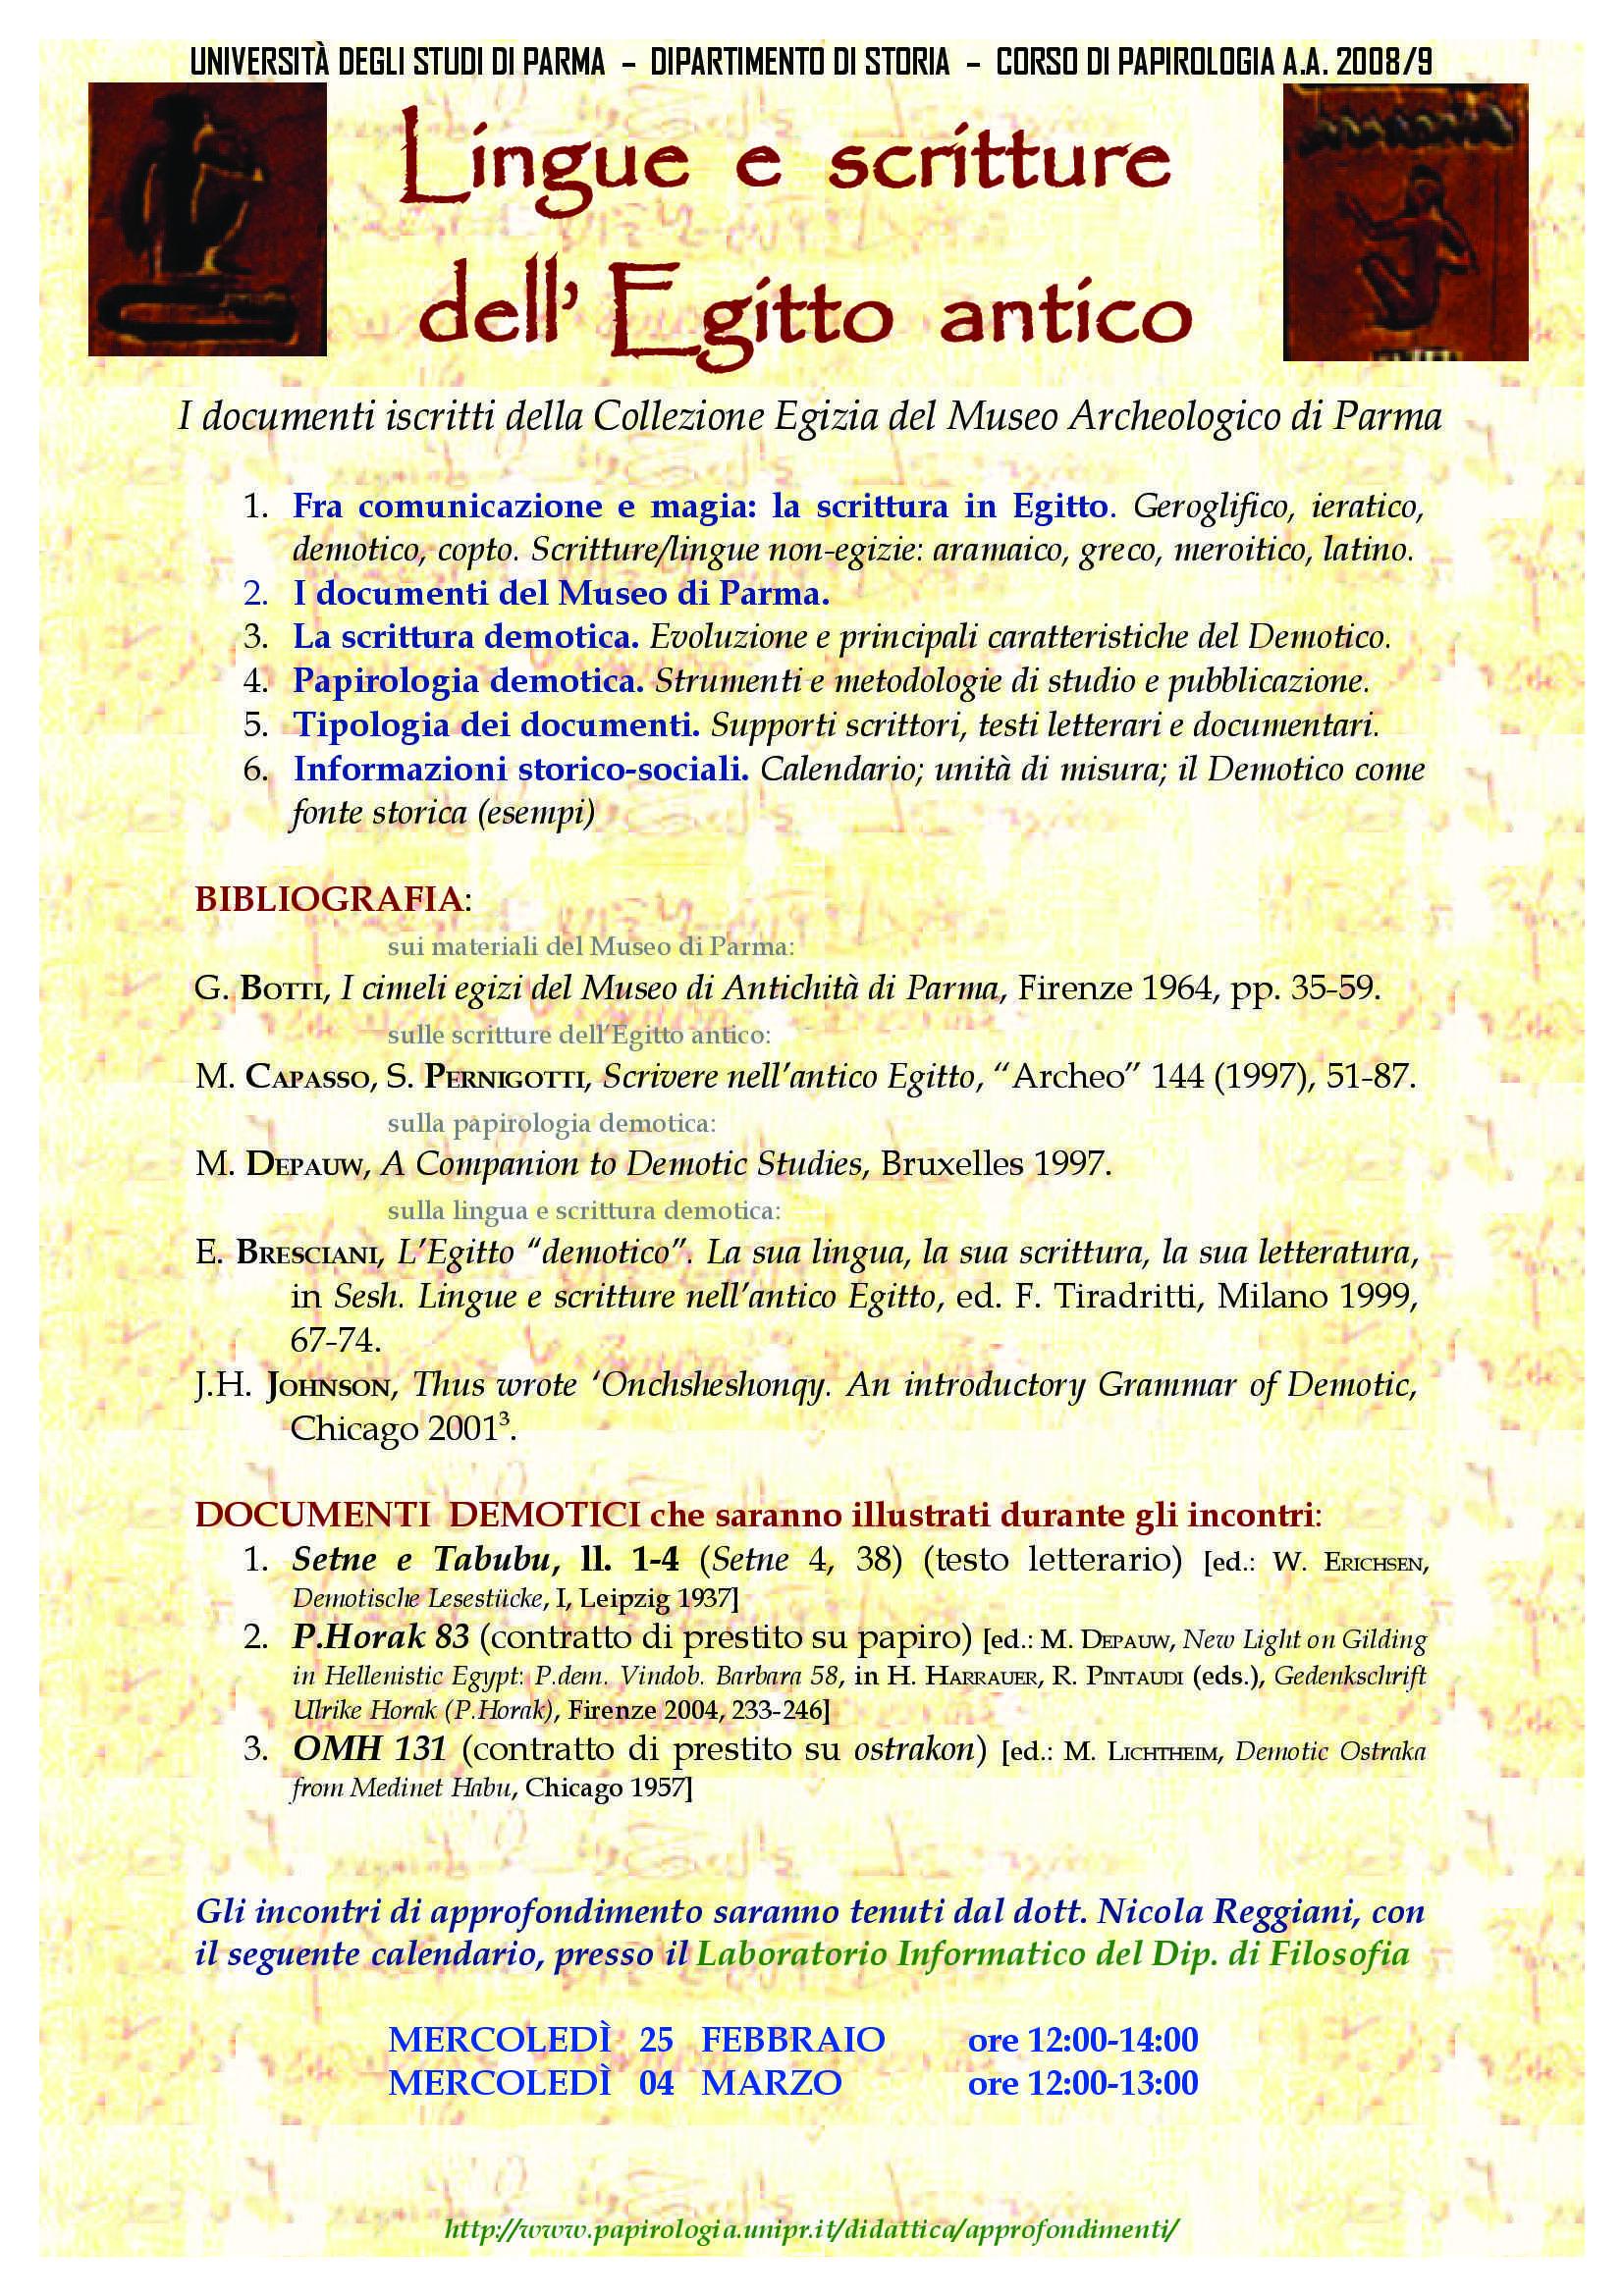 Lingue e scritture dell'antico Egitto